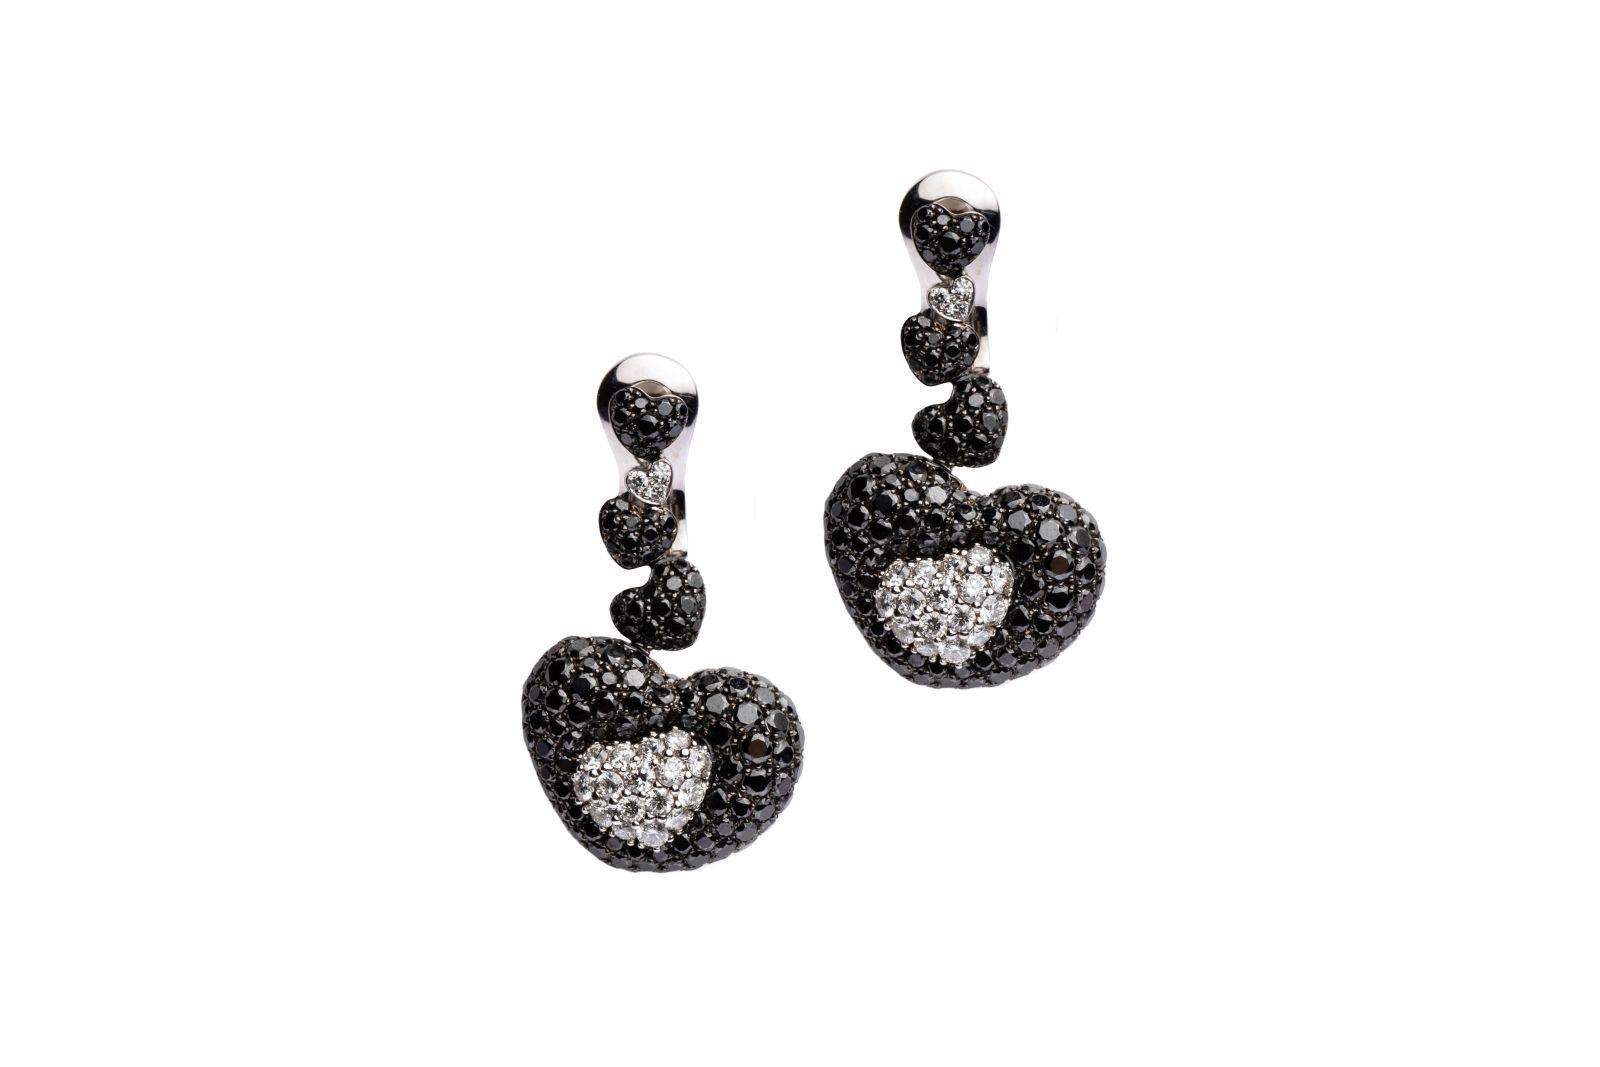 #180 Clip-on earrings | Ohrclipsgehänge Image